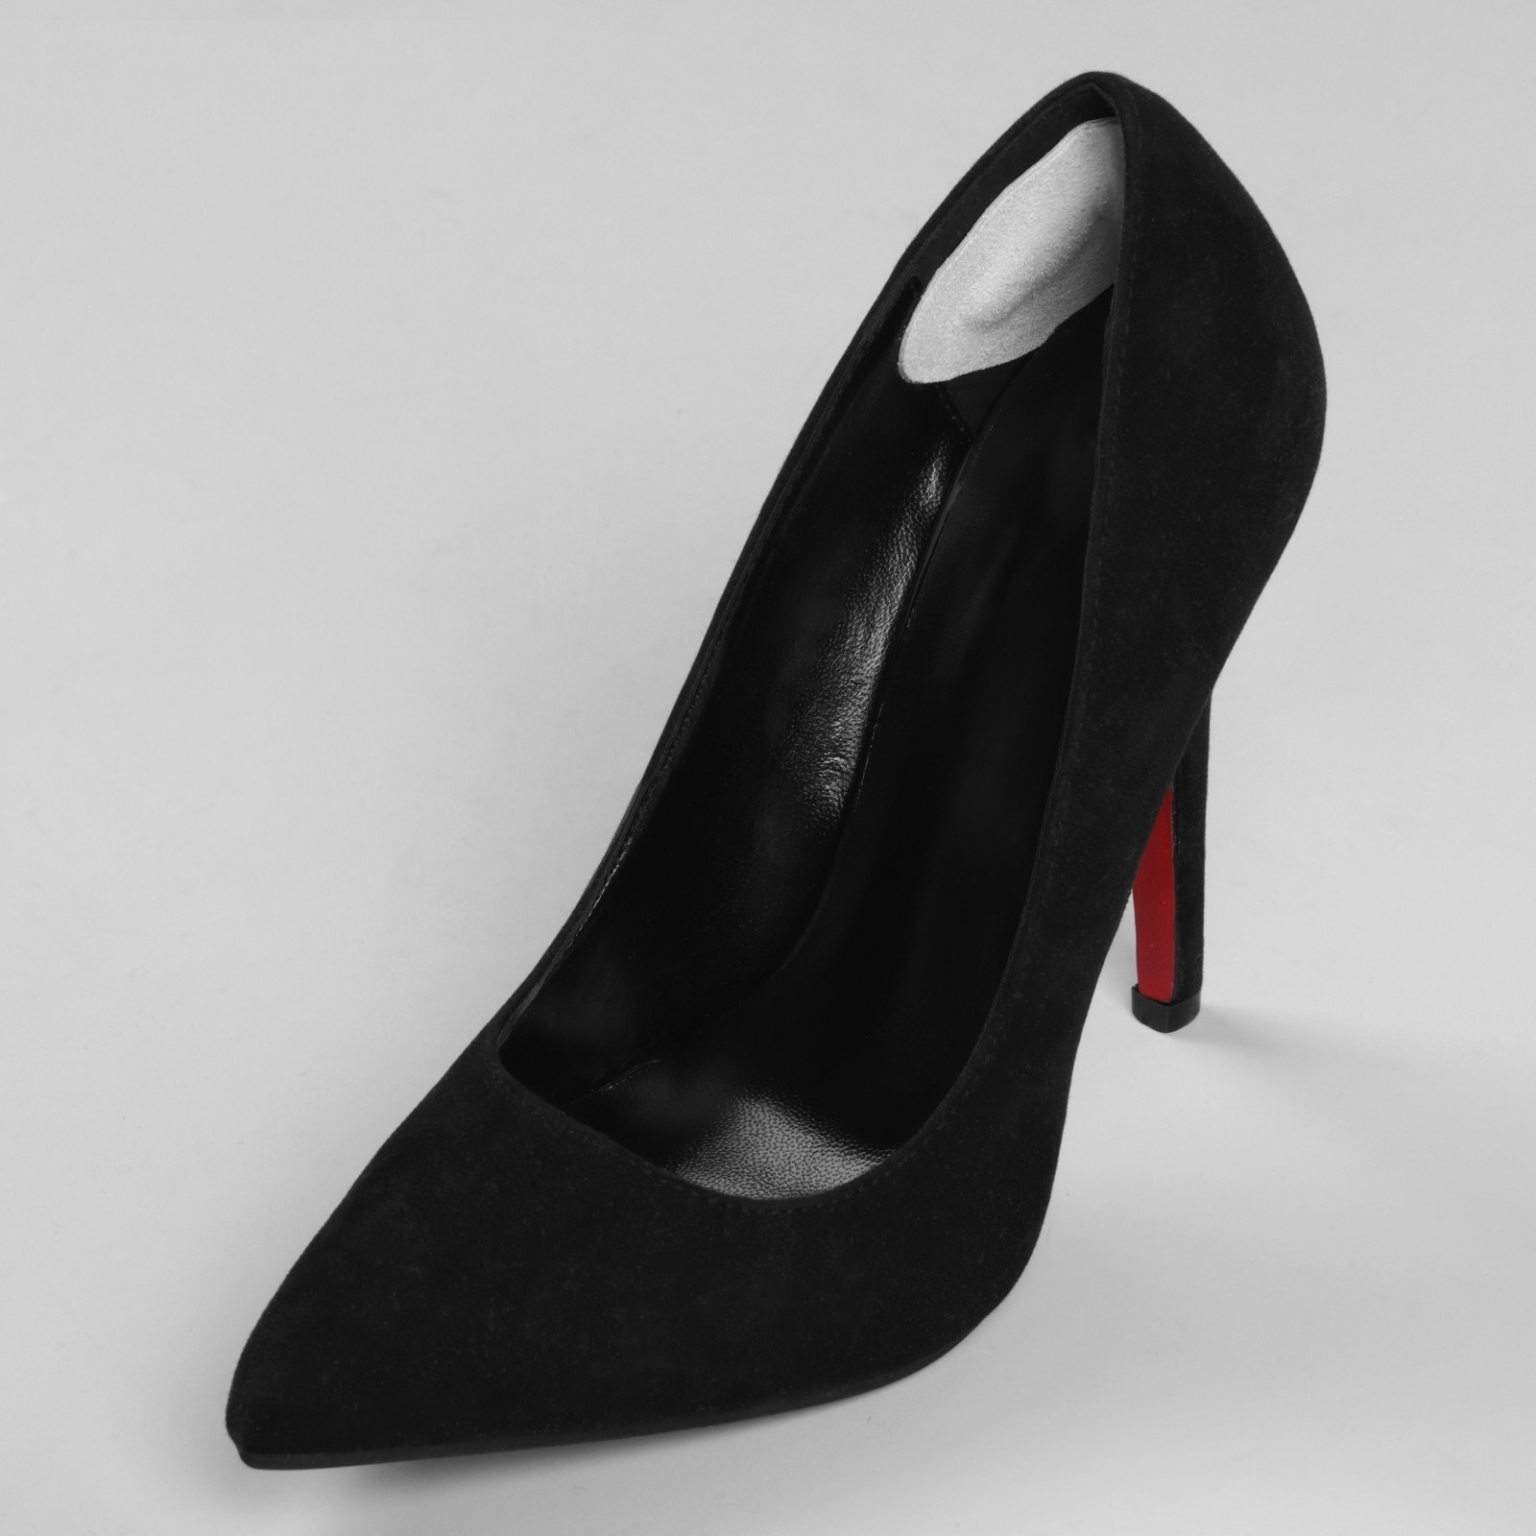 Пяткоудерживатели для обуви, кожаные, на клеевой основе, пара, цвет белый